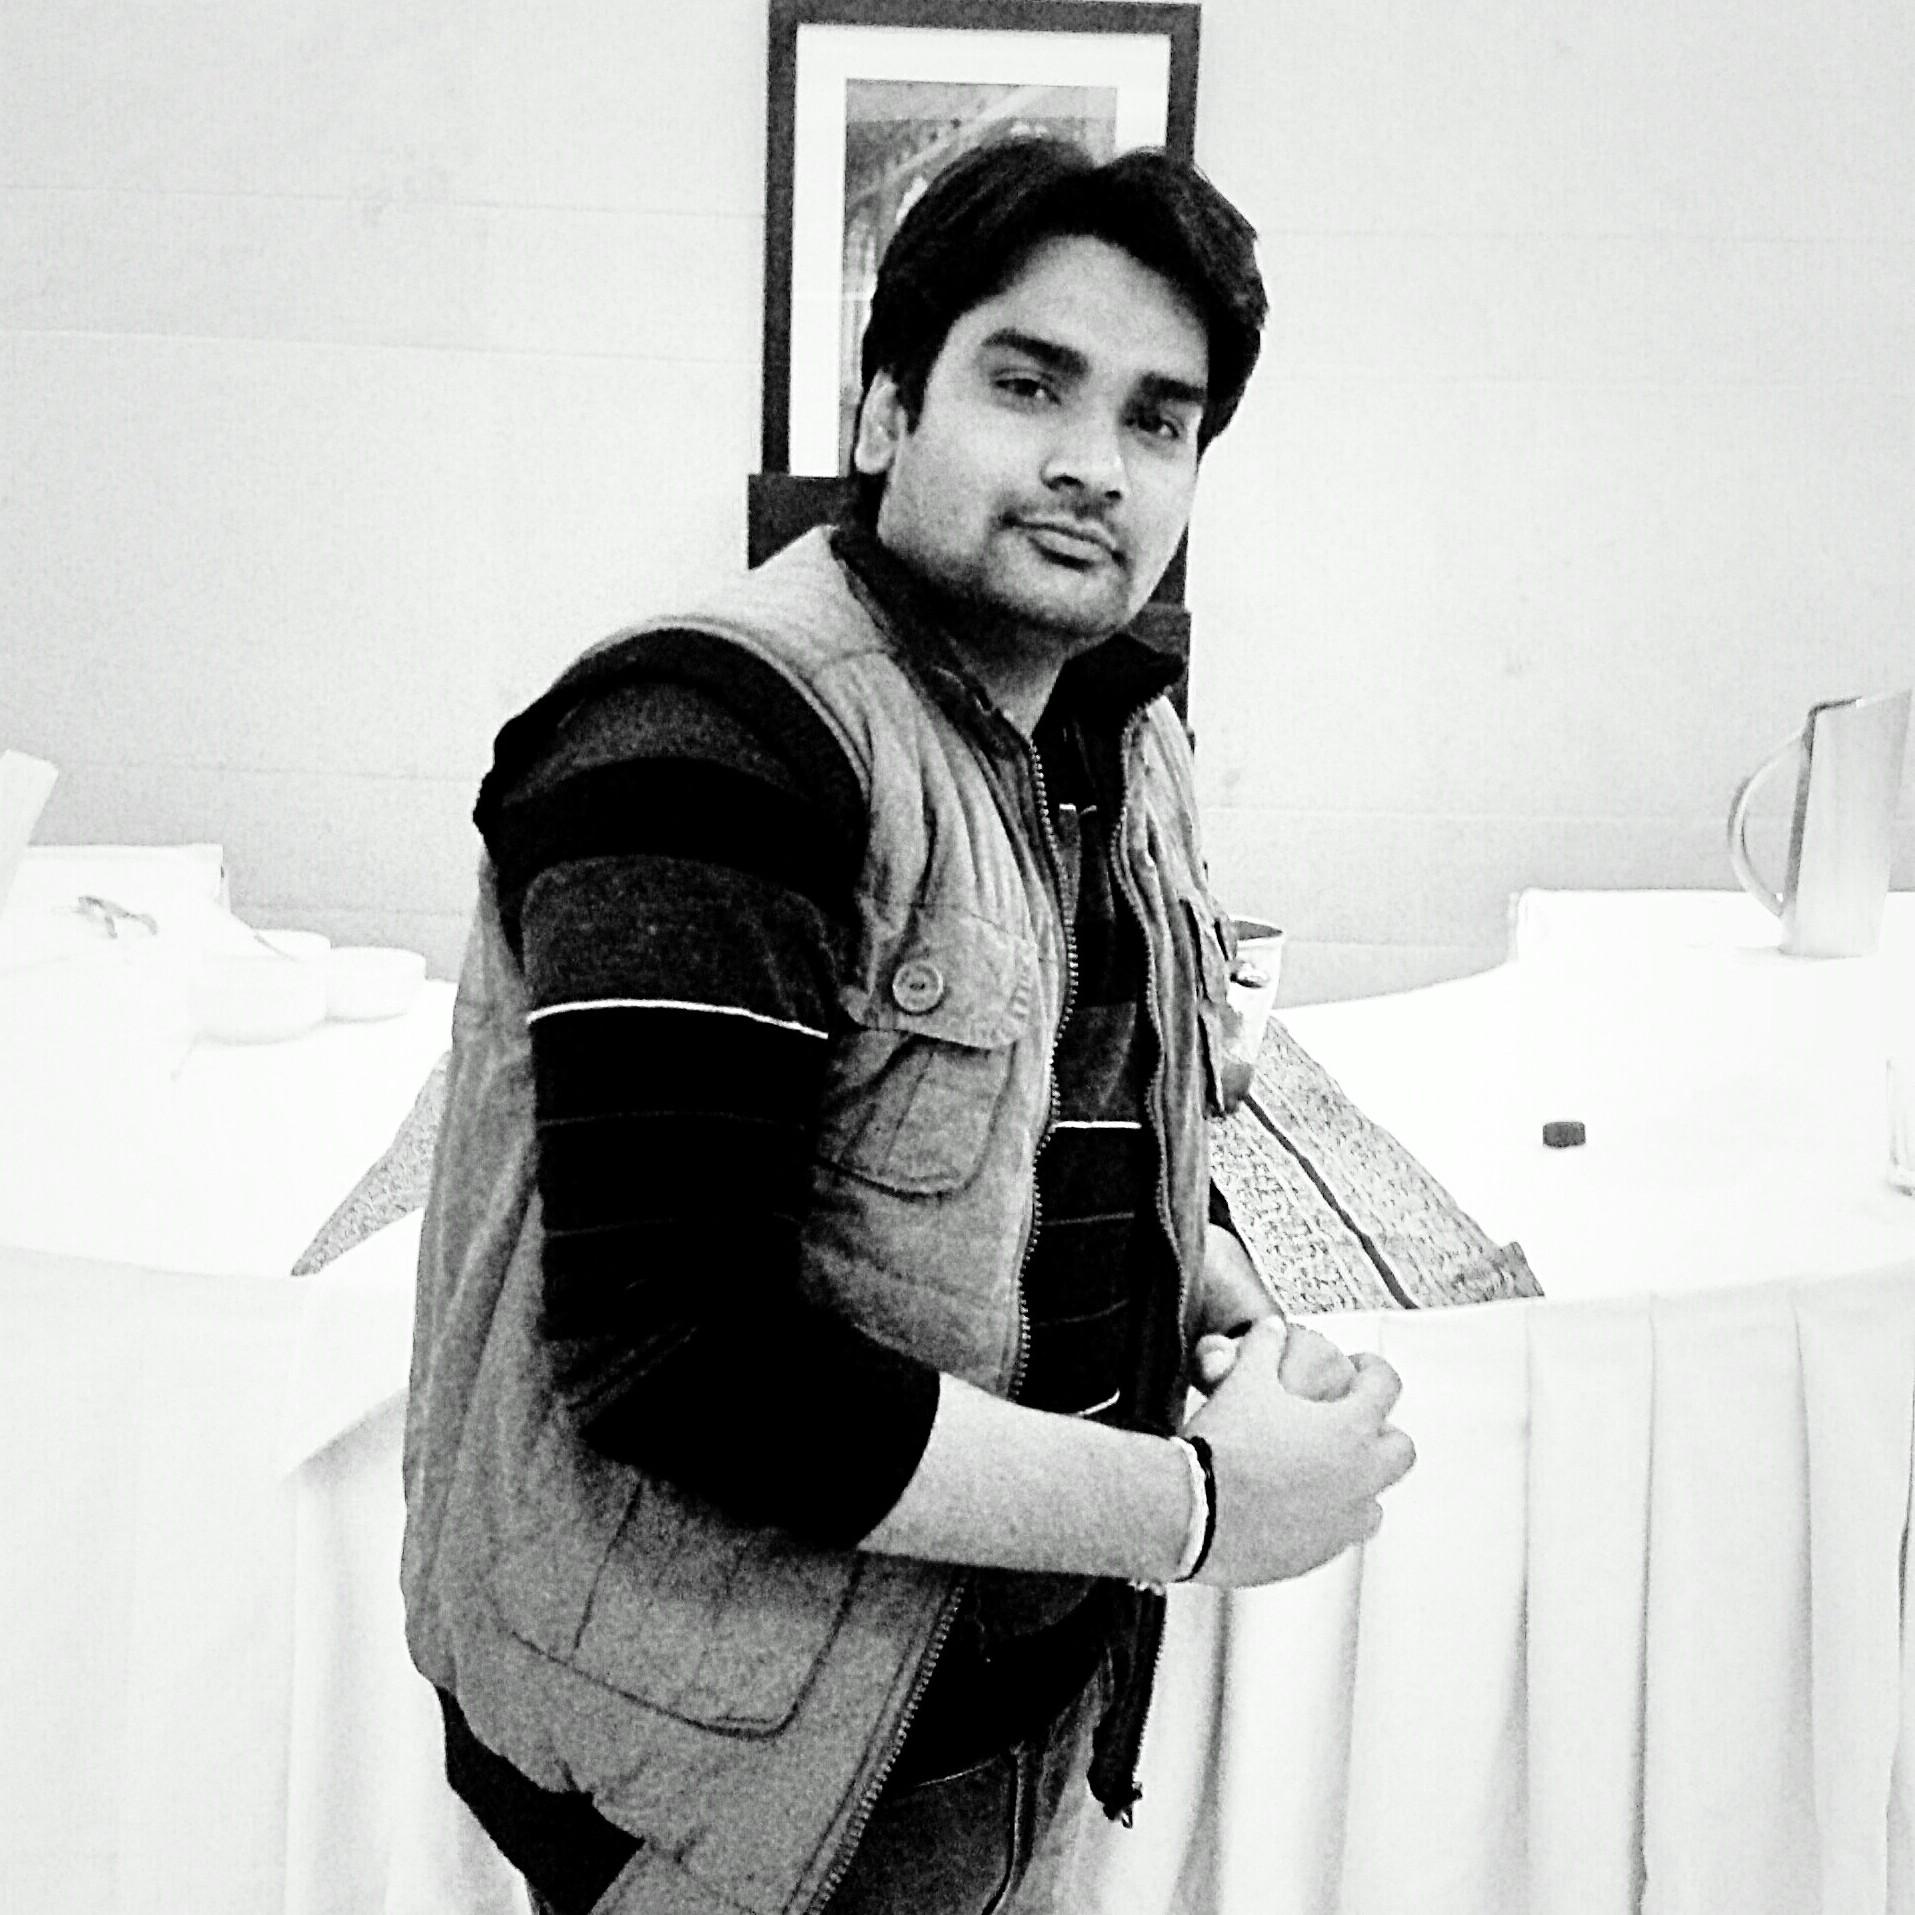 Uttam Kumar Sain